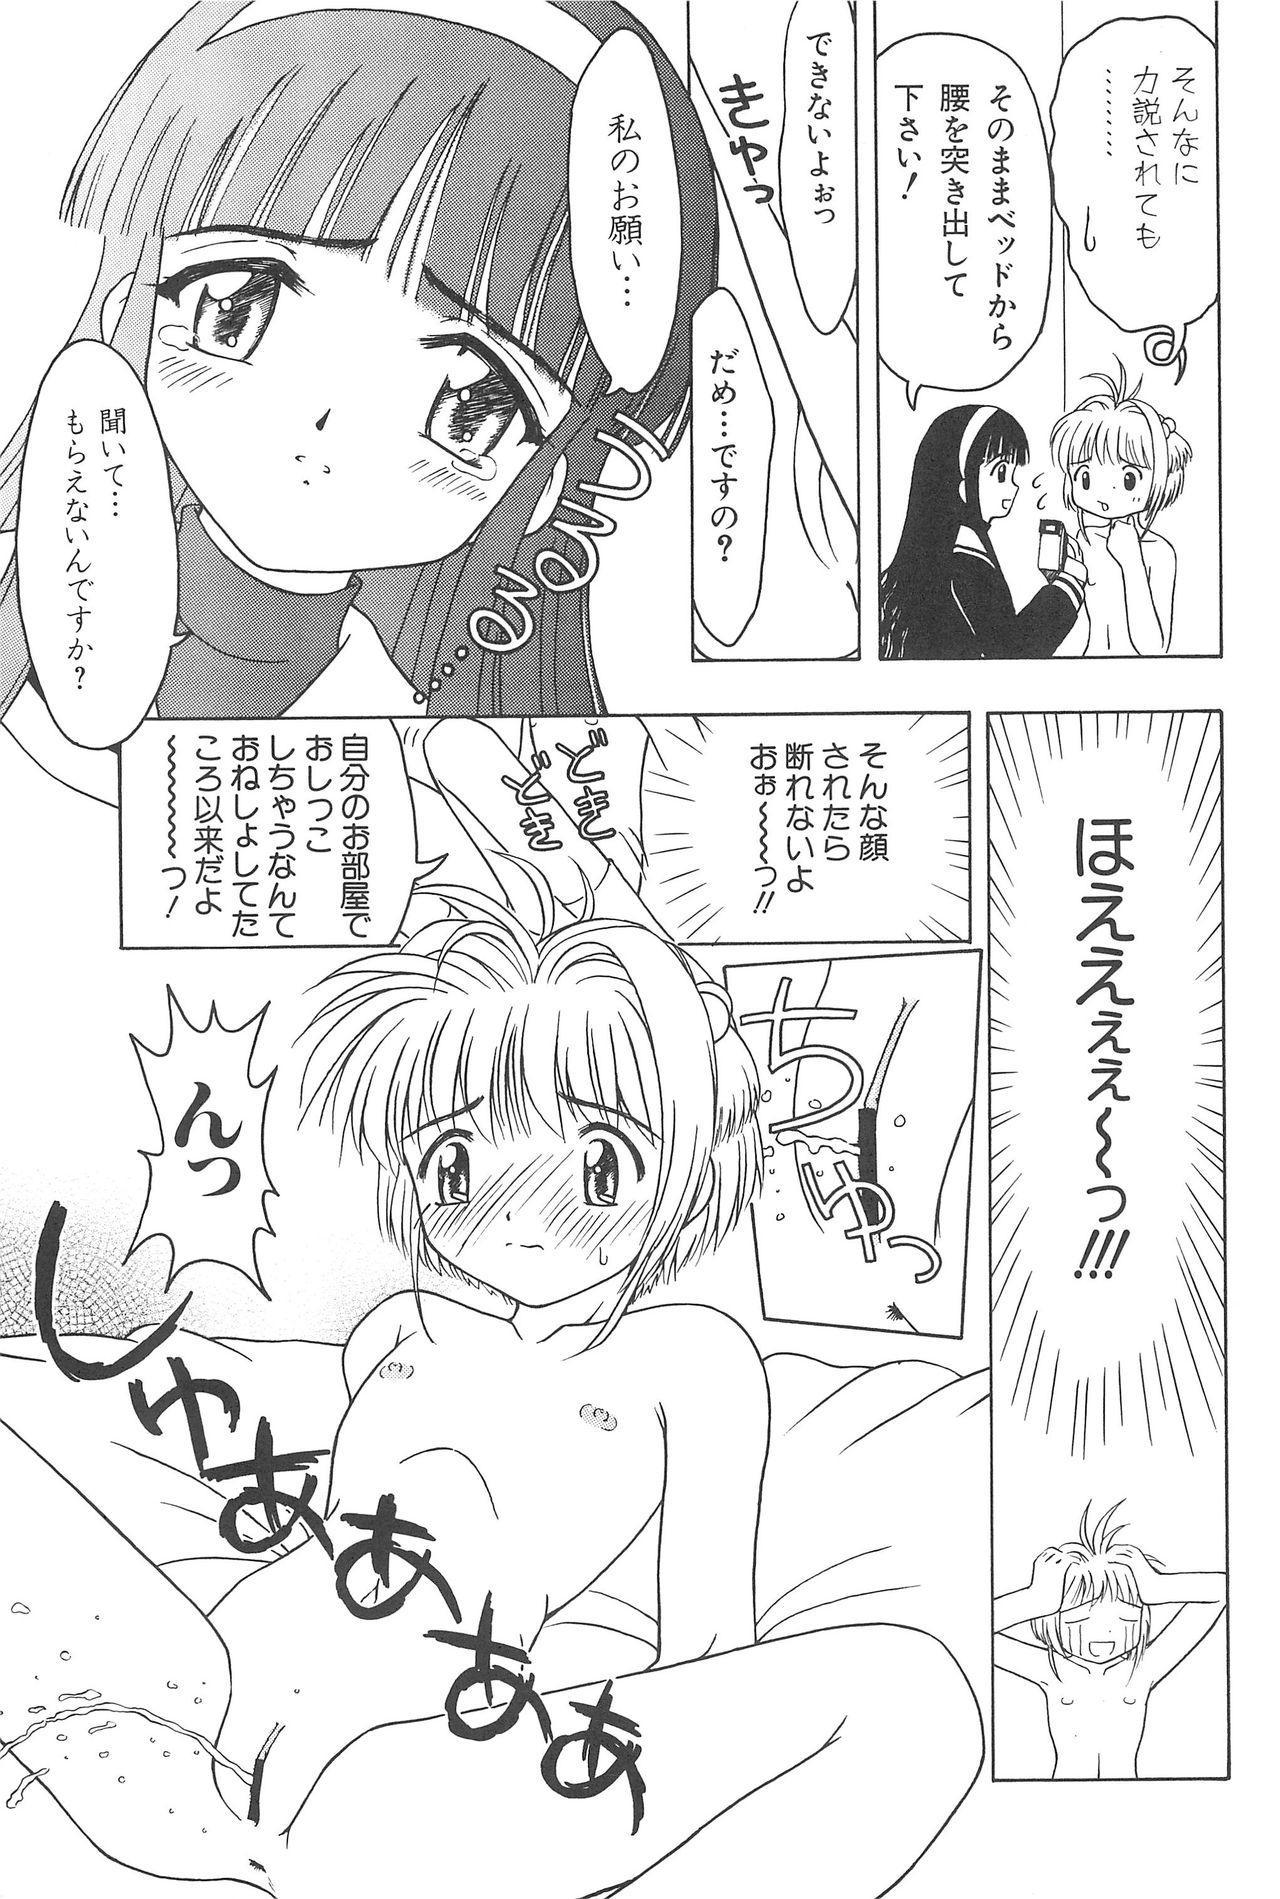 Sakura to Tomoyo ALL OF INTERCOURSE Jou 5